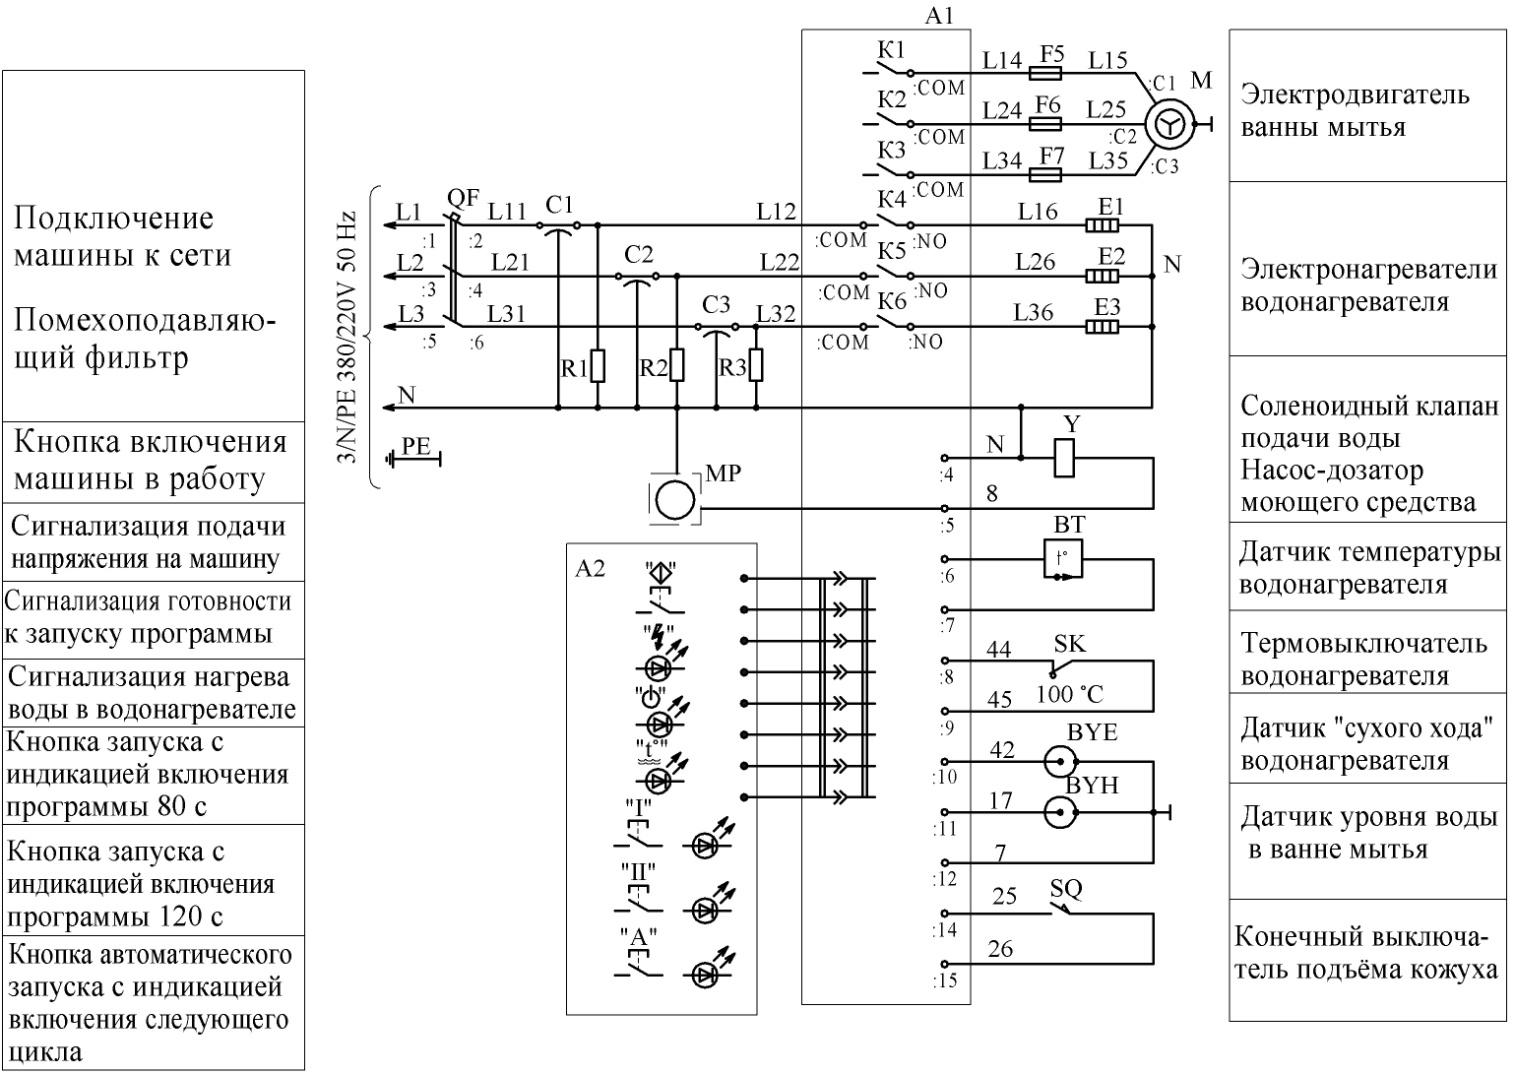 Принципиальная схема преобразователя температур4